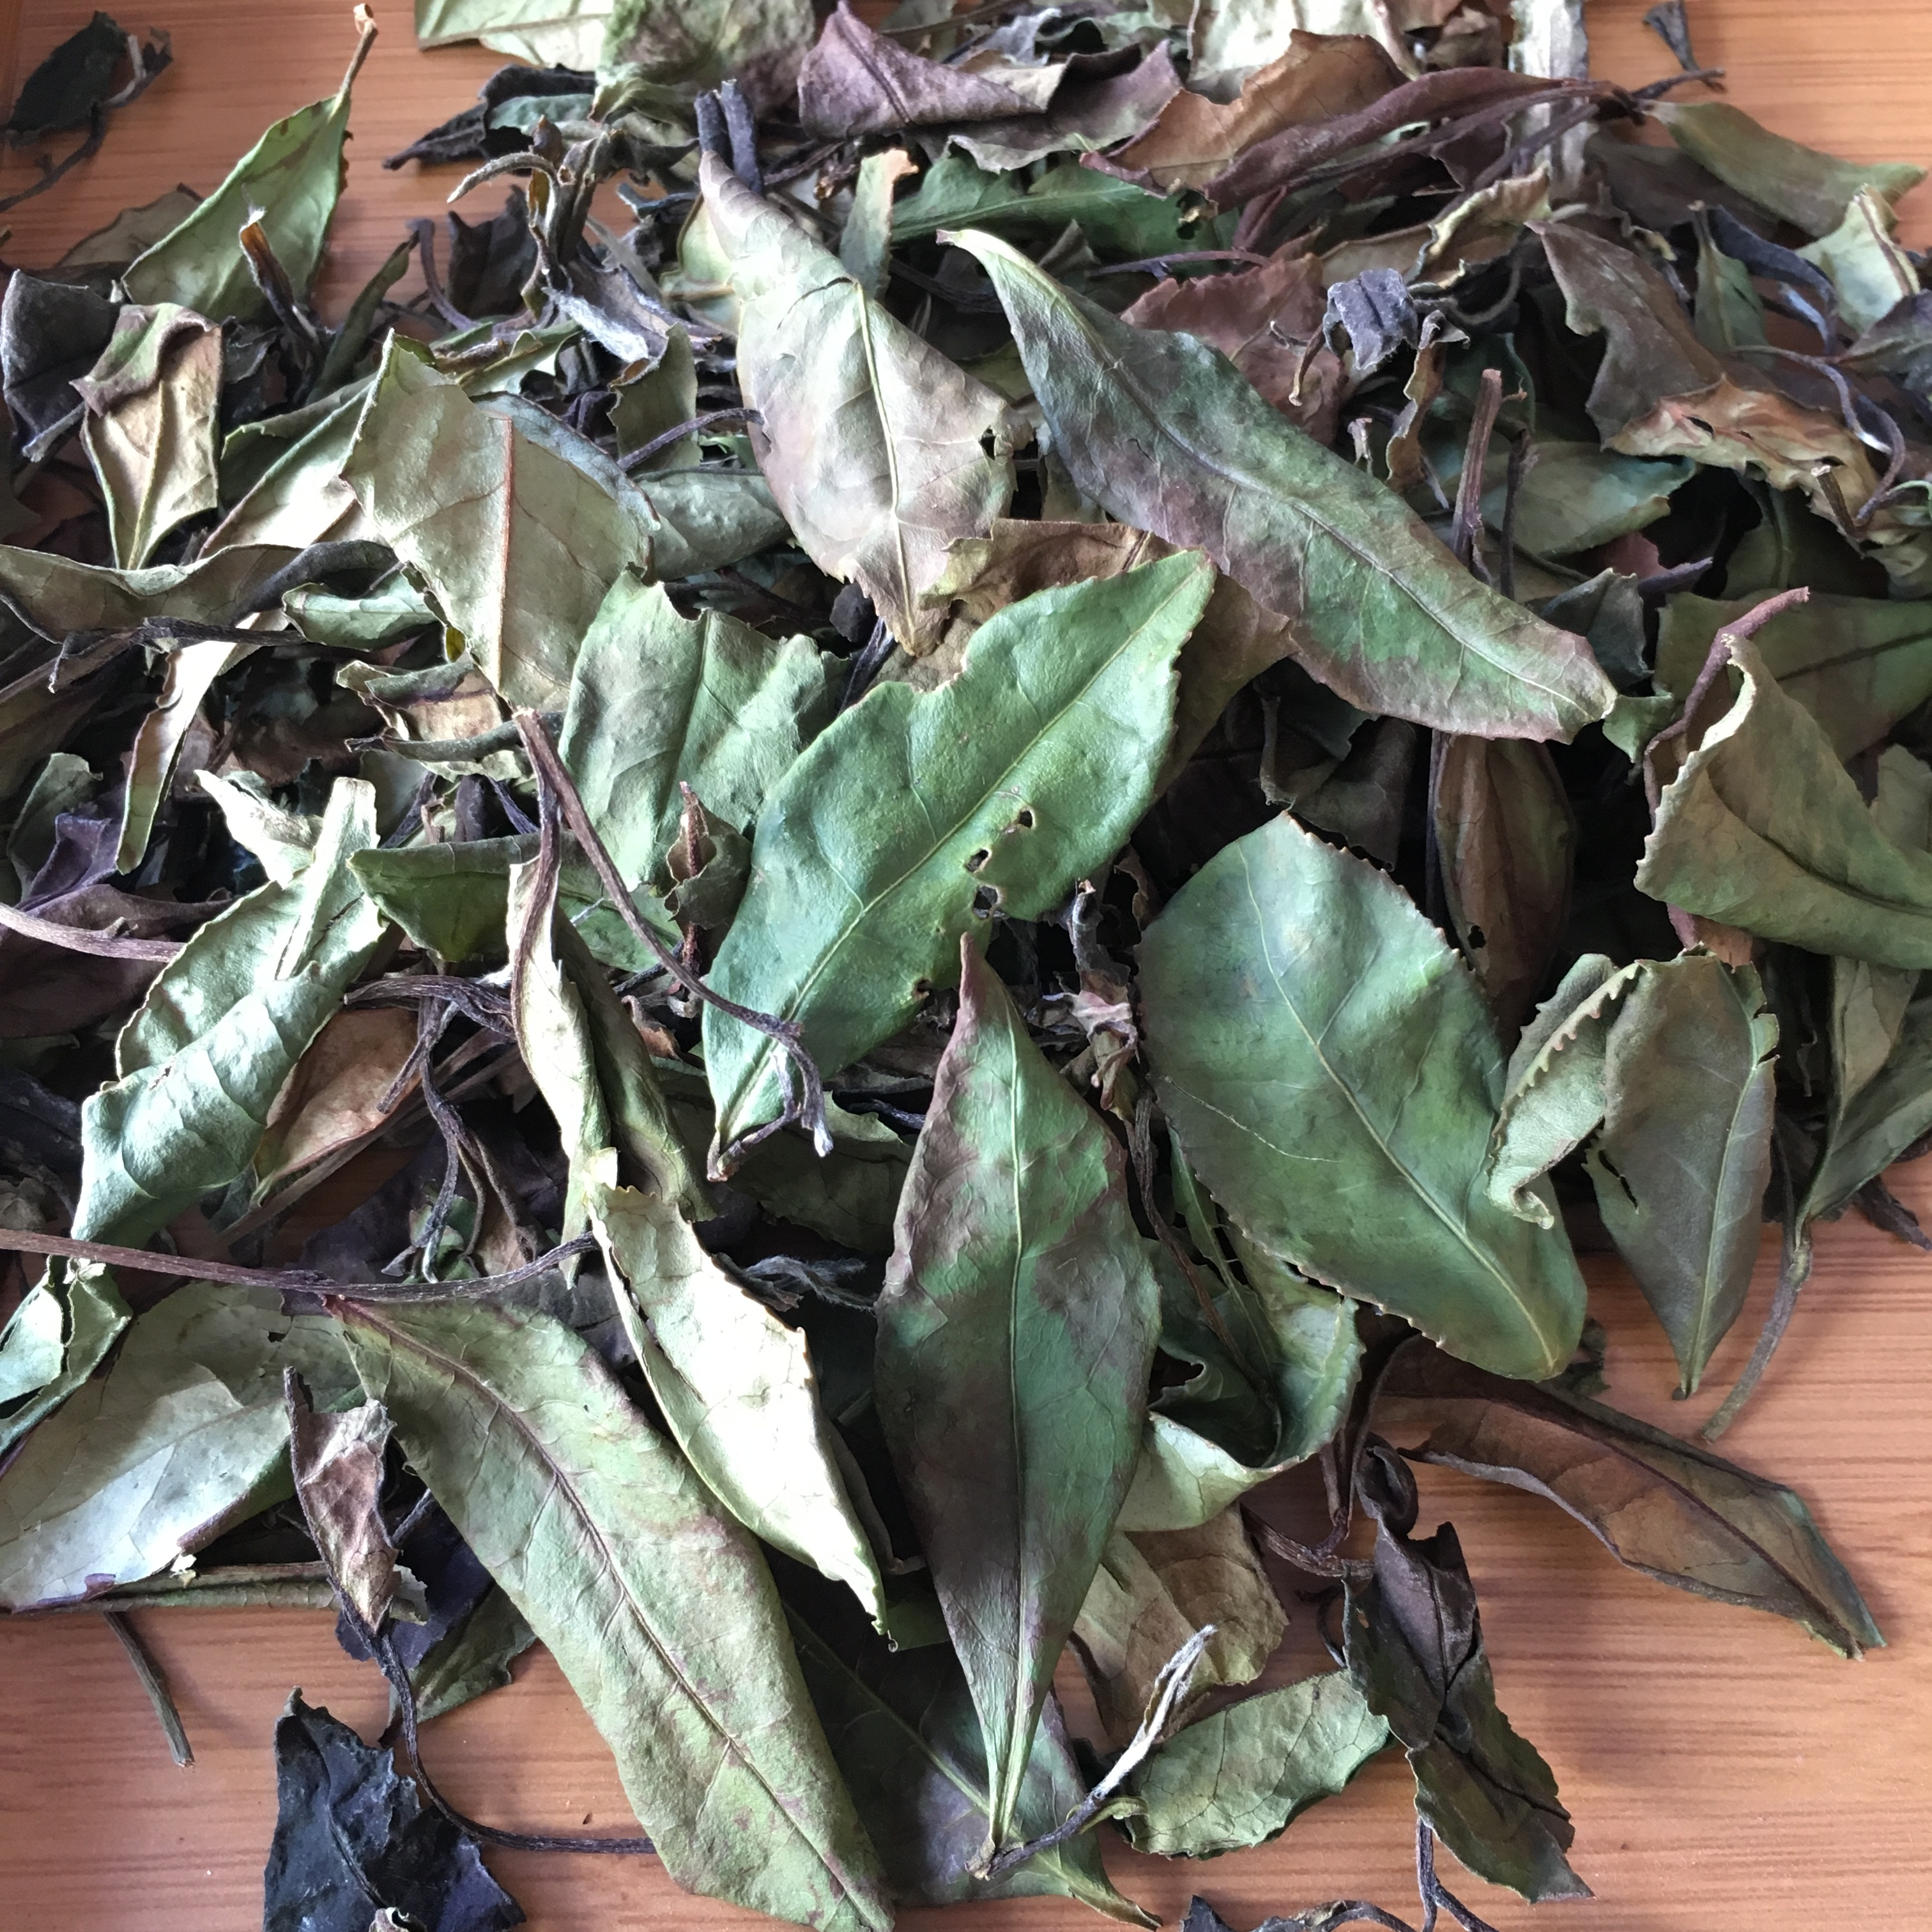 野生自然晾晒政和白茶散装寿眉高山区海拔云雾小种茶手工做收藏煮